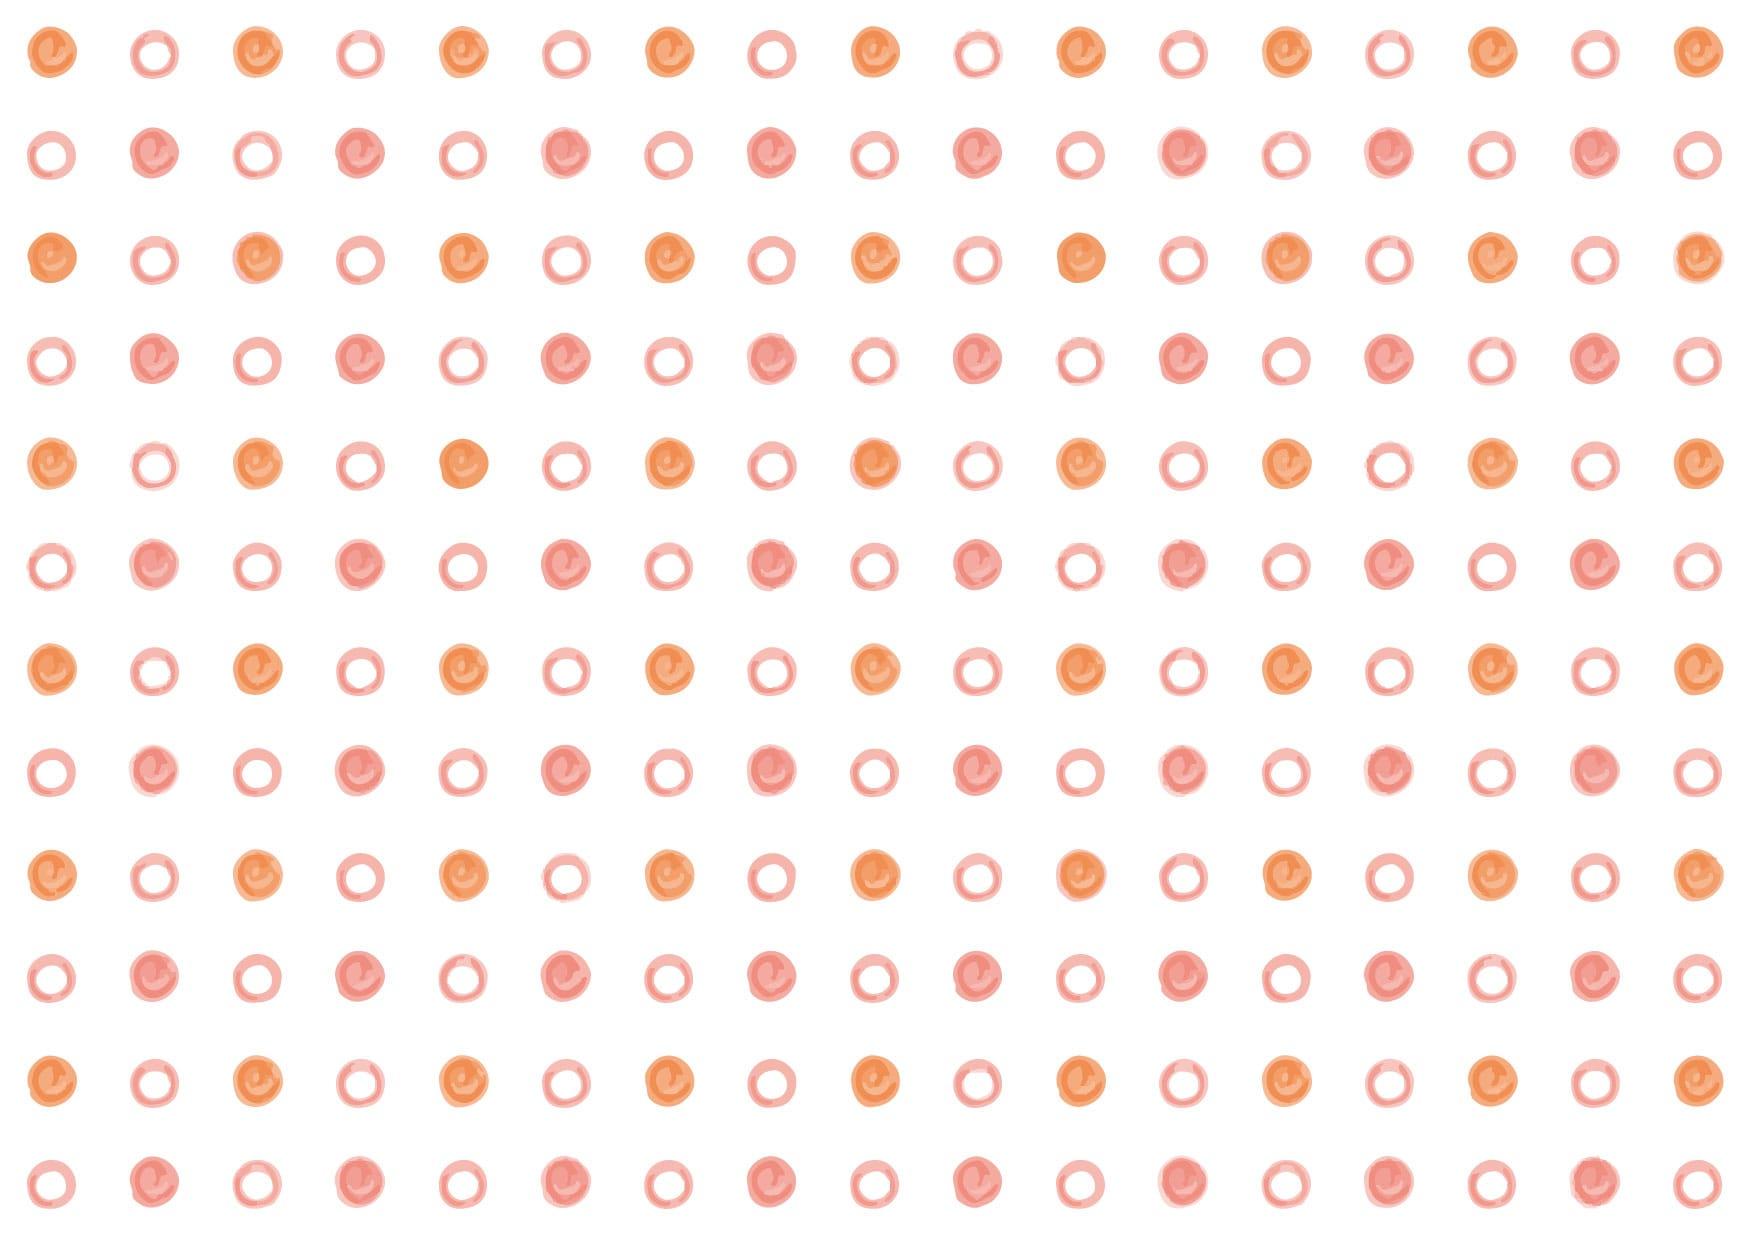 可愛いイラスト無料|水玉 手書き 赤色 背景 − free illustration Polka dot handwritten red background